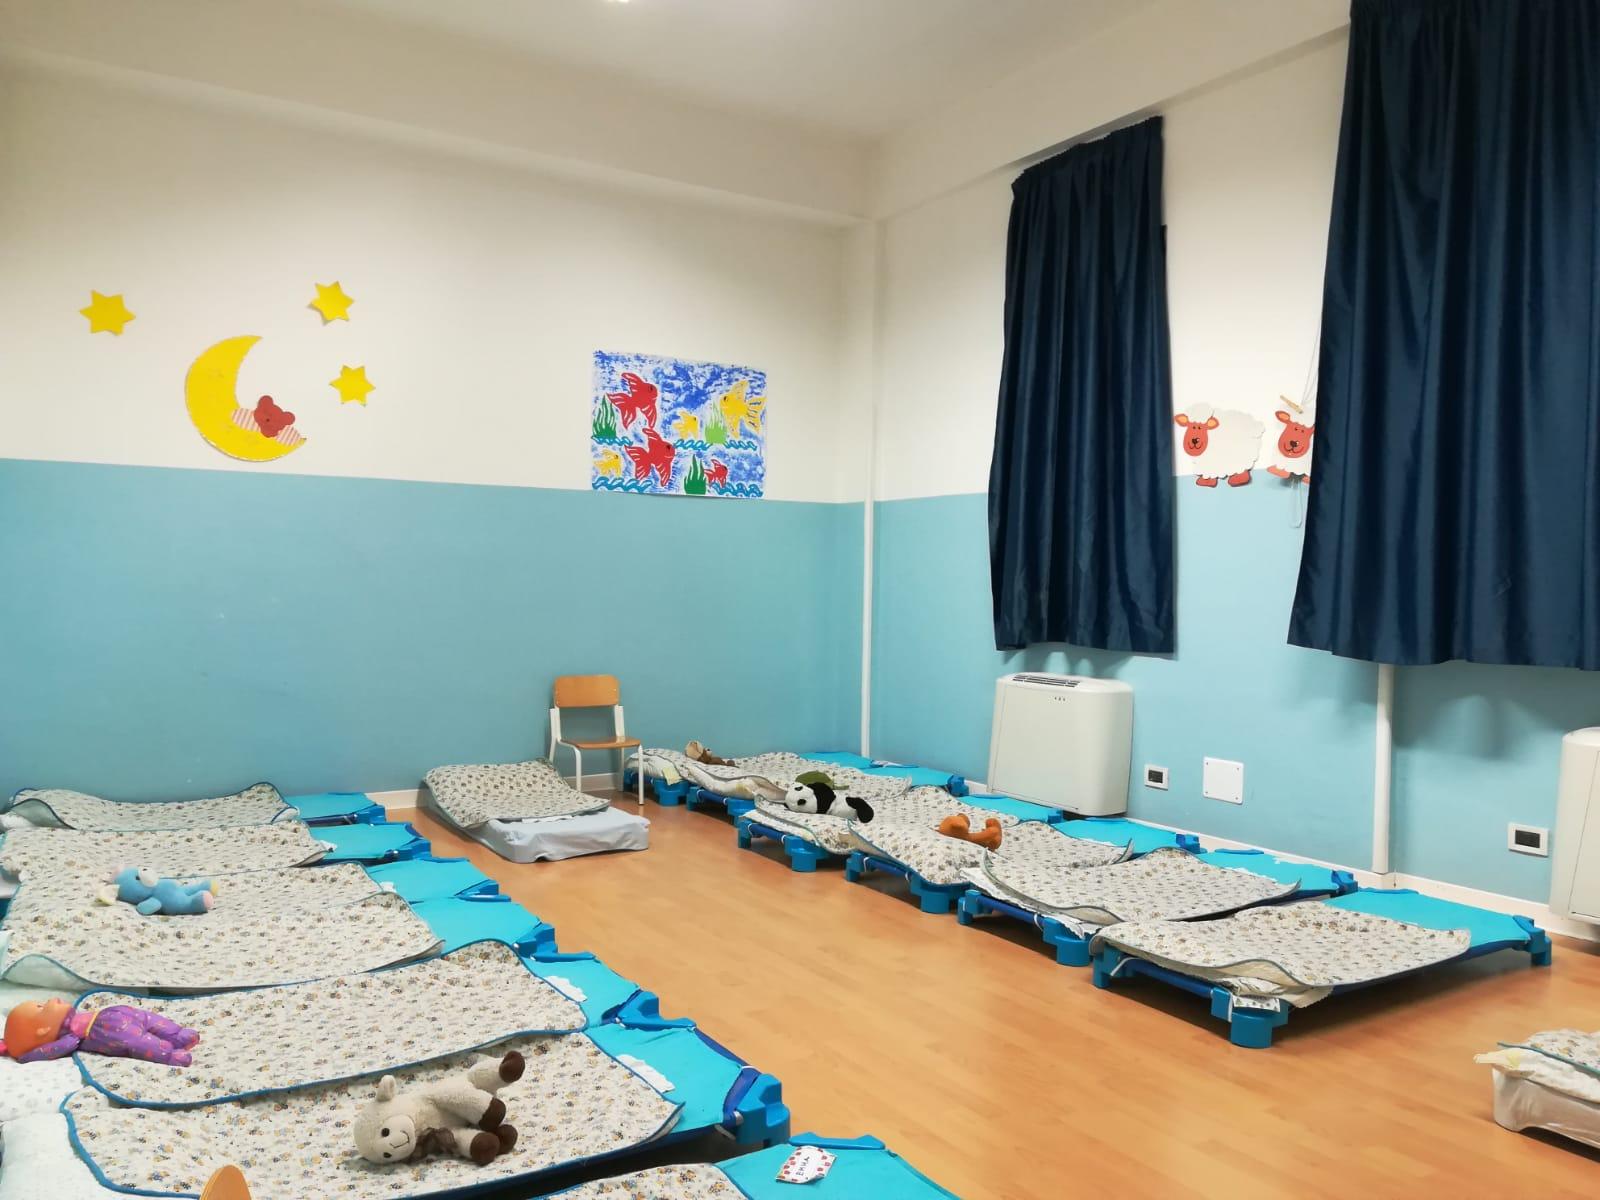 Foto casetta Fantasia, foto raffigurante i lettini e giocattoli dei bimbi